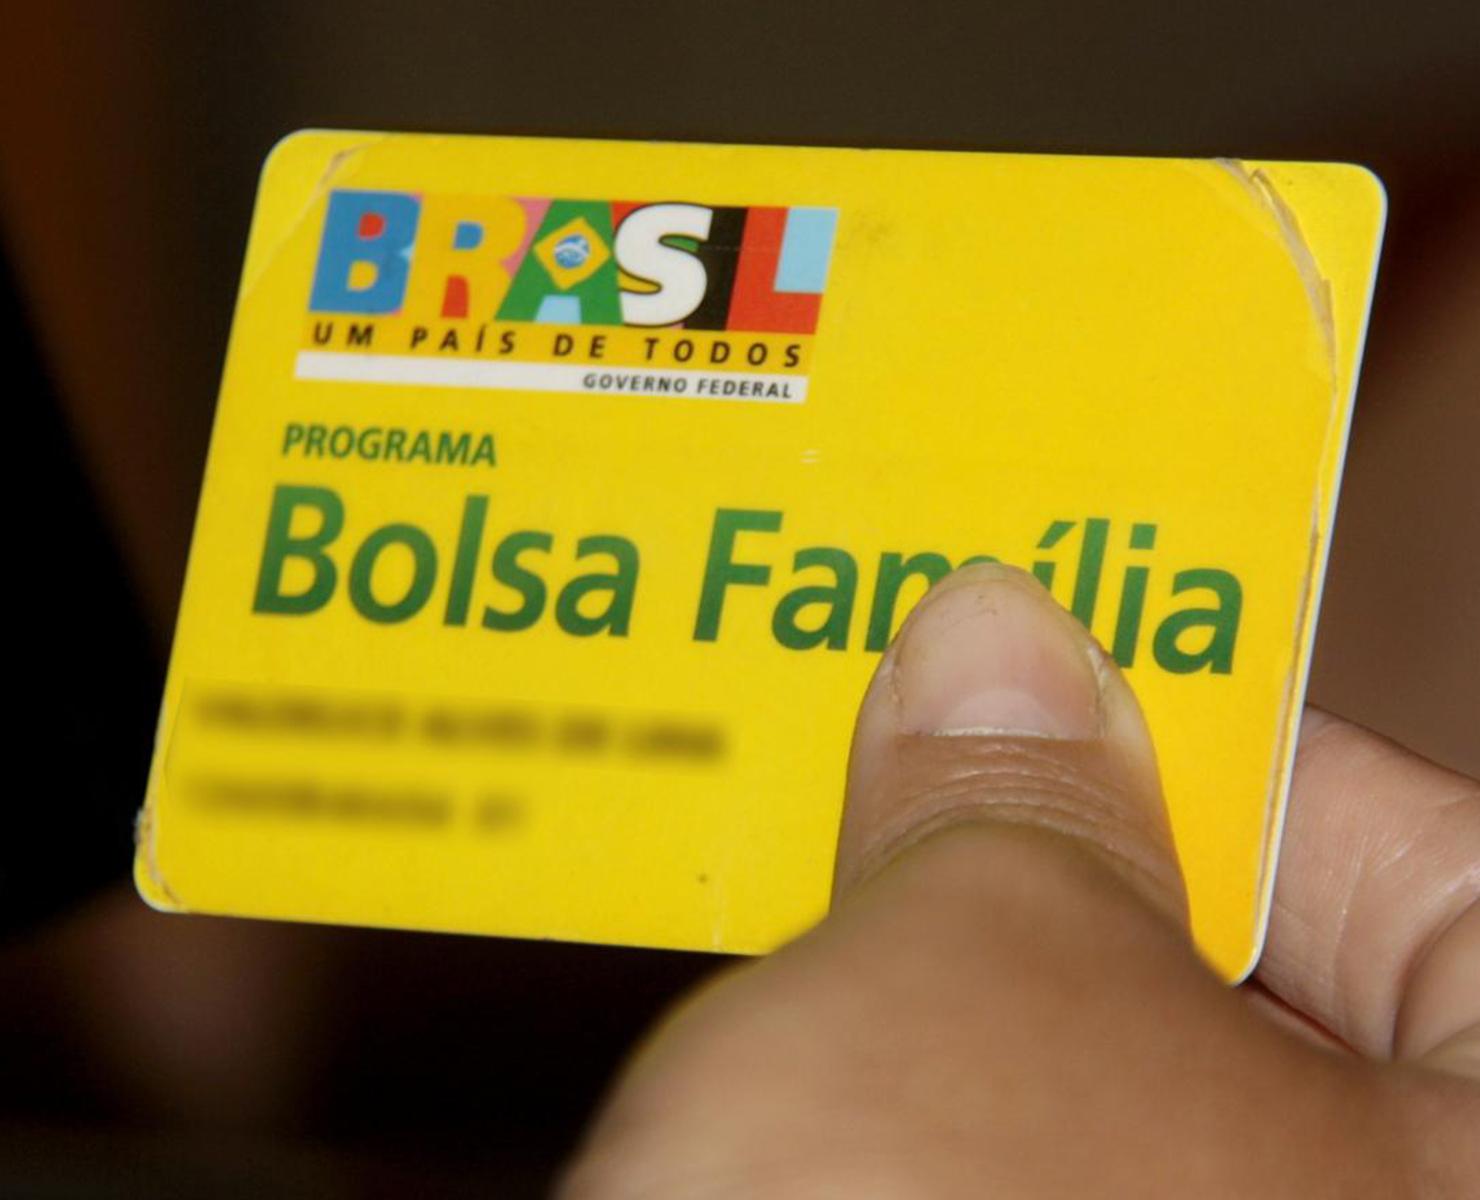 BOLSA FAMÍLIA: PLANO DE REFORMULAÇÃO PODE LEVAR À FALTA DE DINHEIRO AO PROGRAMA